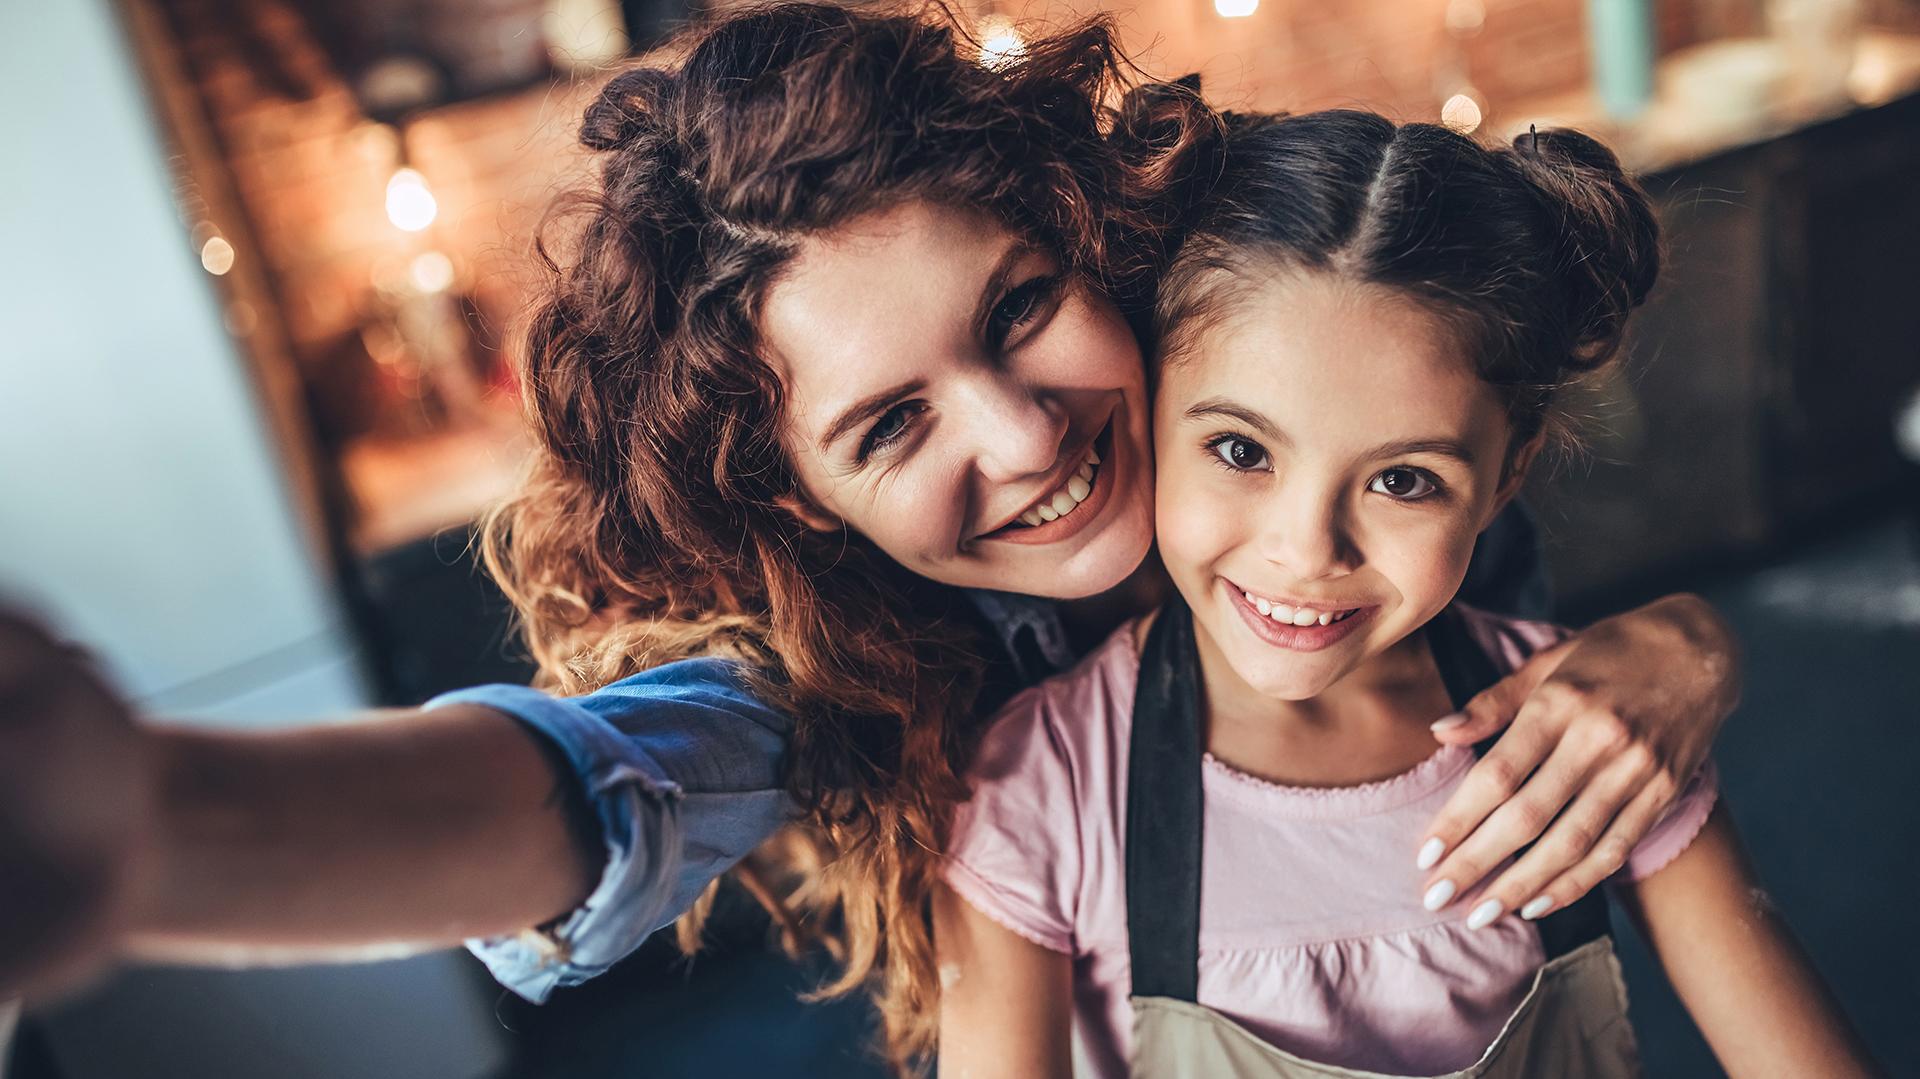 Las redes sociales se volvieron un espacio donde compartir la experiencia de la crianza de los hijos (Getty)